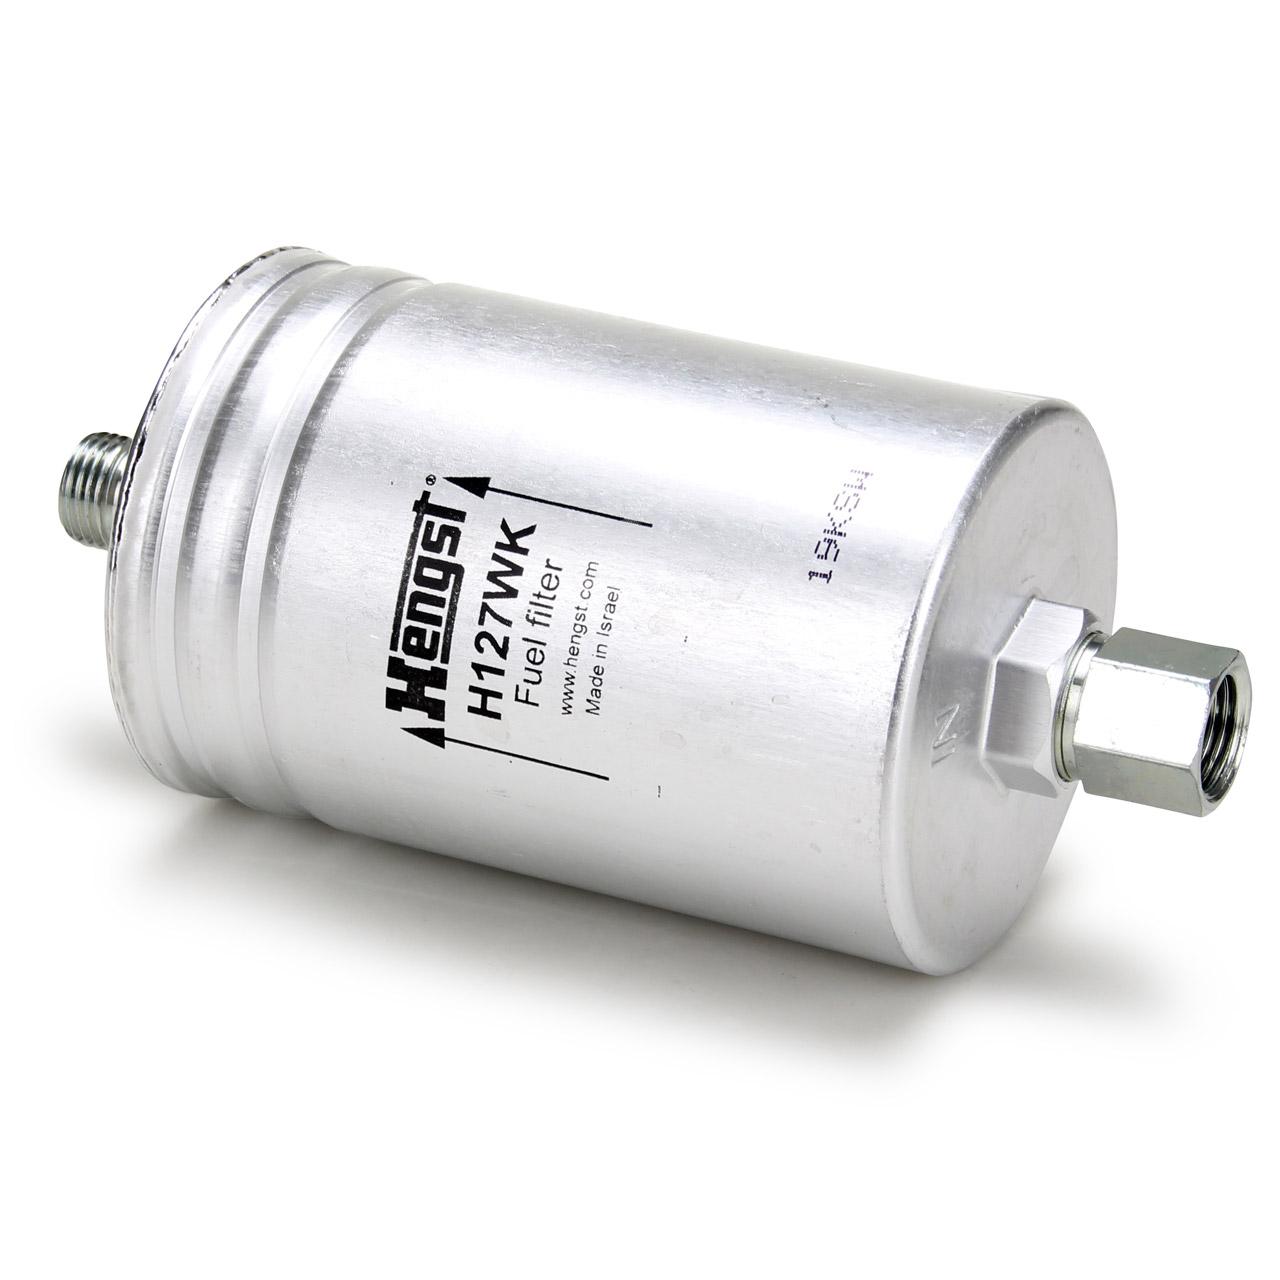 HENGST H127WK Kraftstofffilter für PORSCHE 911 924 928 944 944 959 968